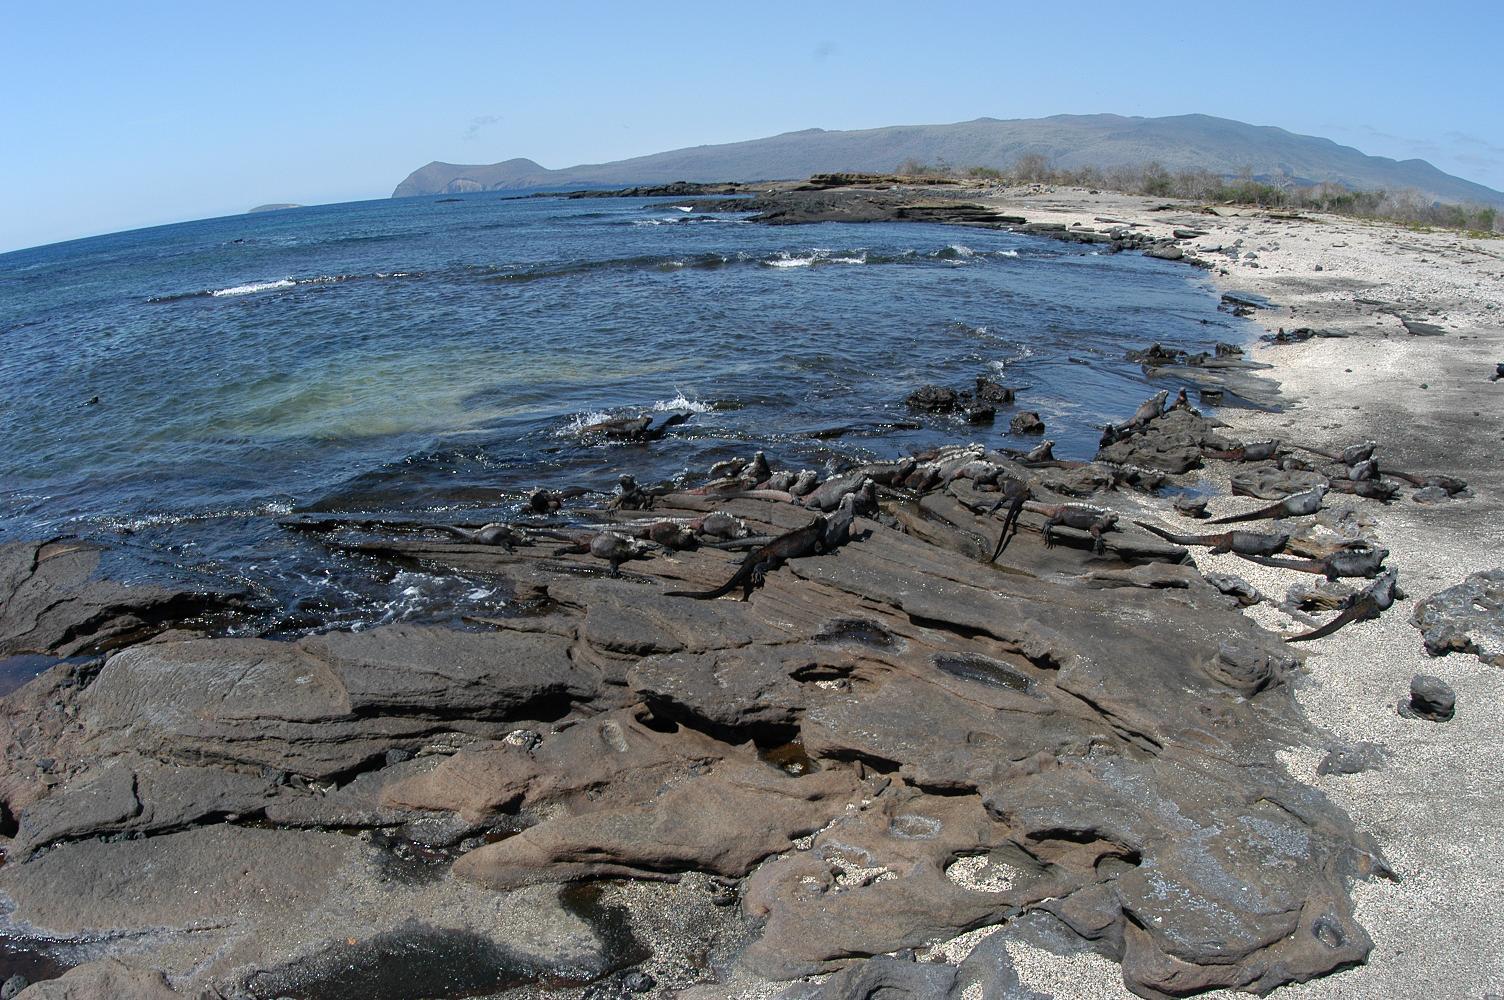 ガラパゴス諸島の画像 p1_25